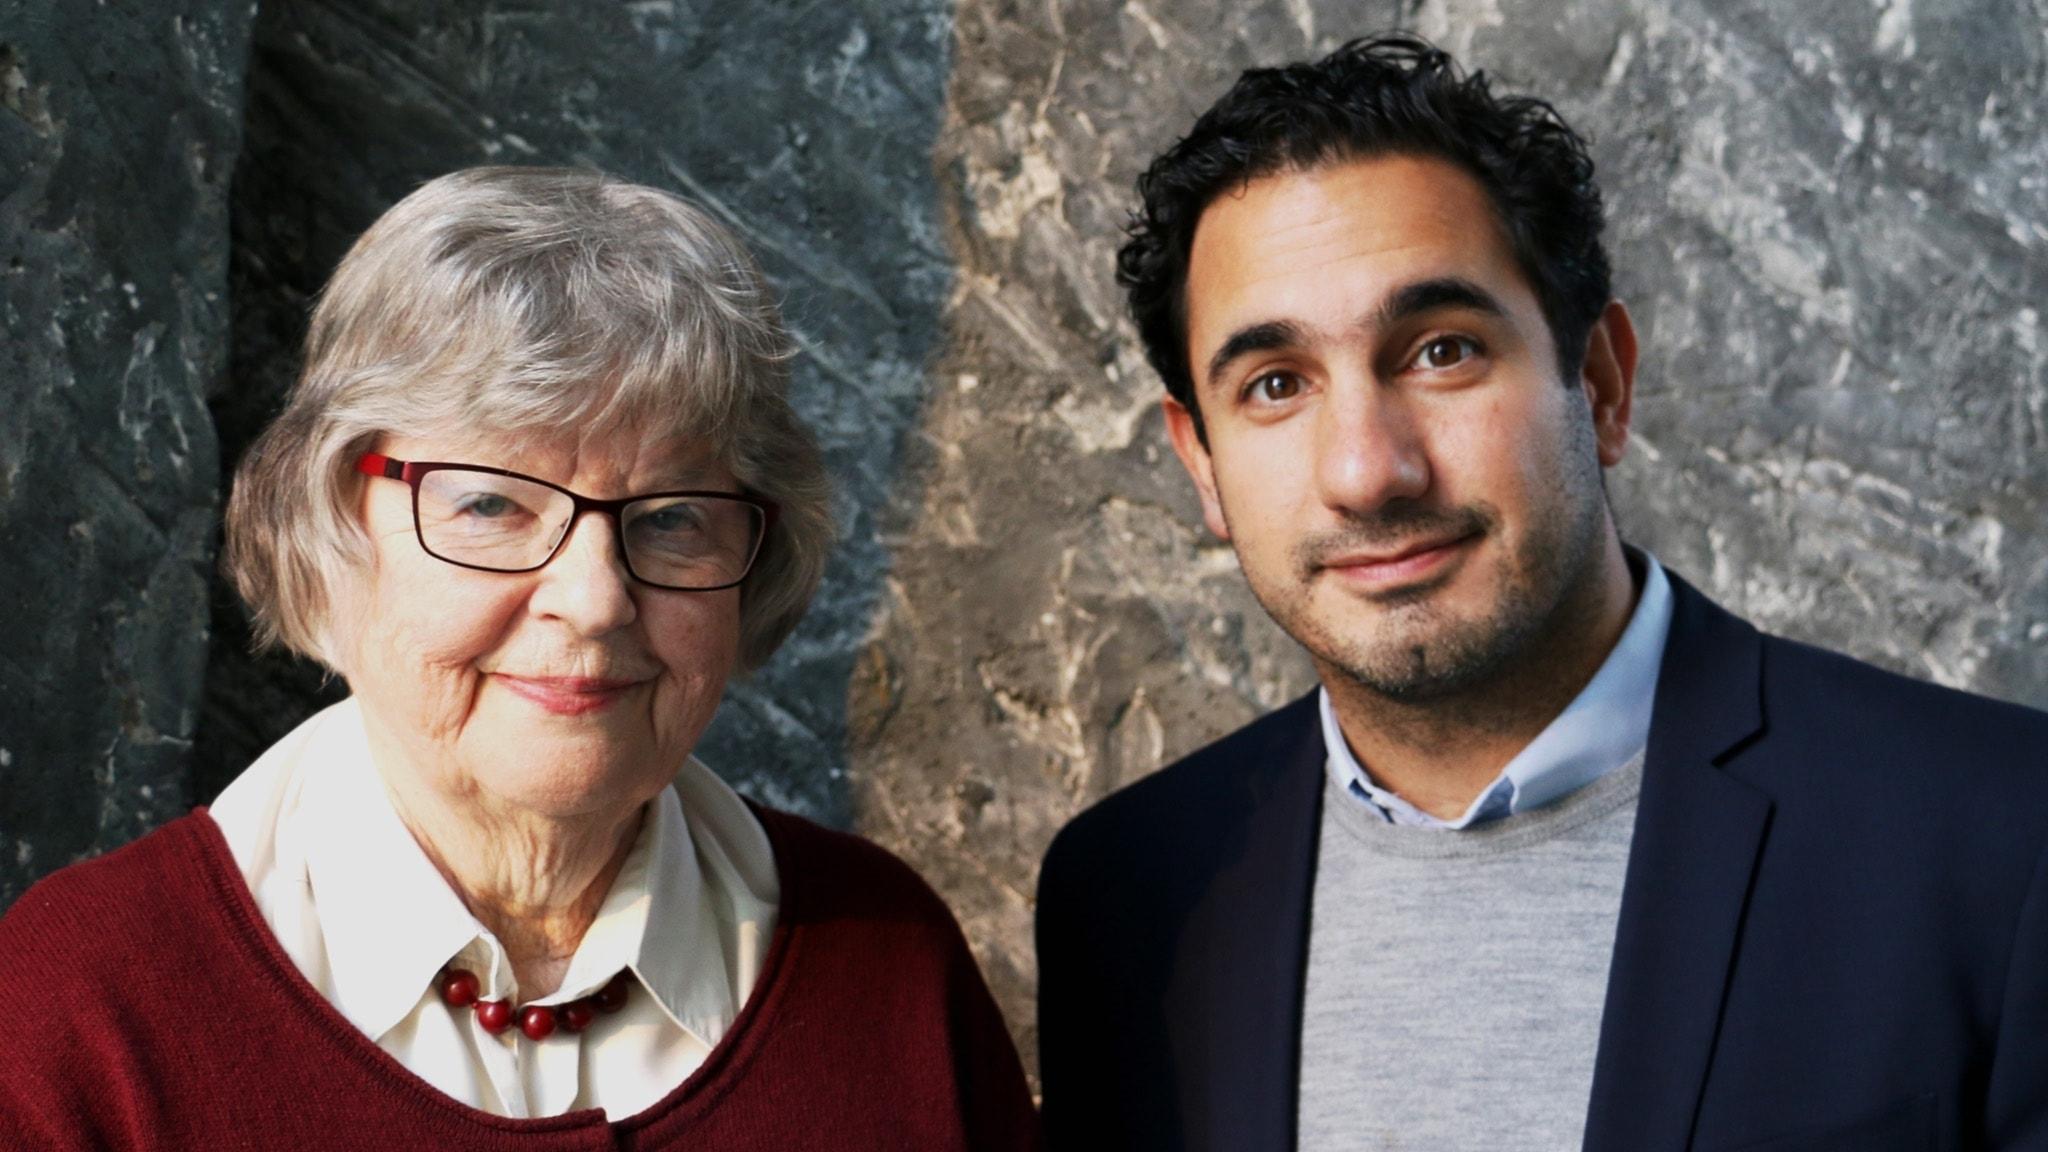 Vi pratar med civilminister Ardalan Shekarabi (S) som ansvarar för digitaliseringsstrategin. Möt också 82-åriga Birgitta Jonsson som coachar andra seniorer i dator- och internetanvändning.